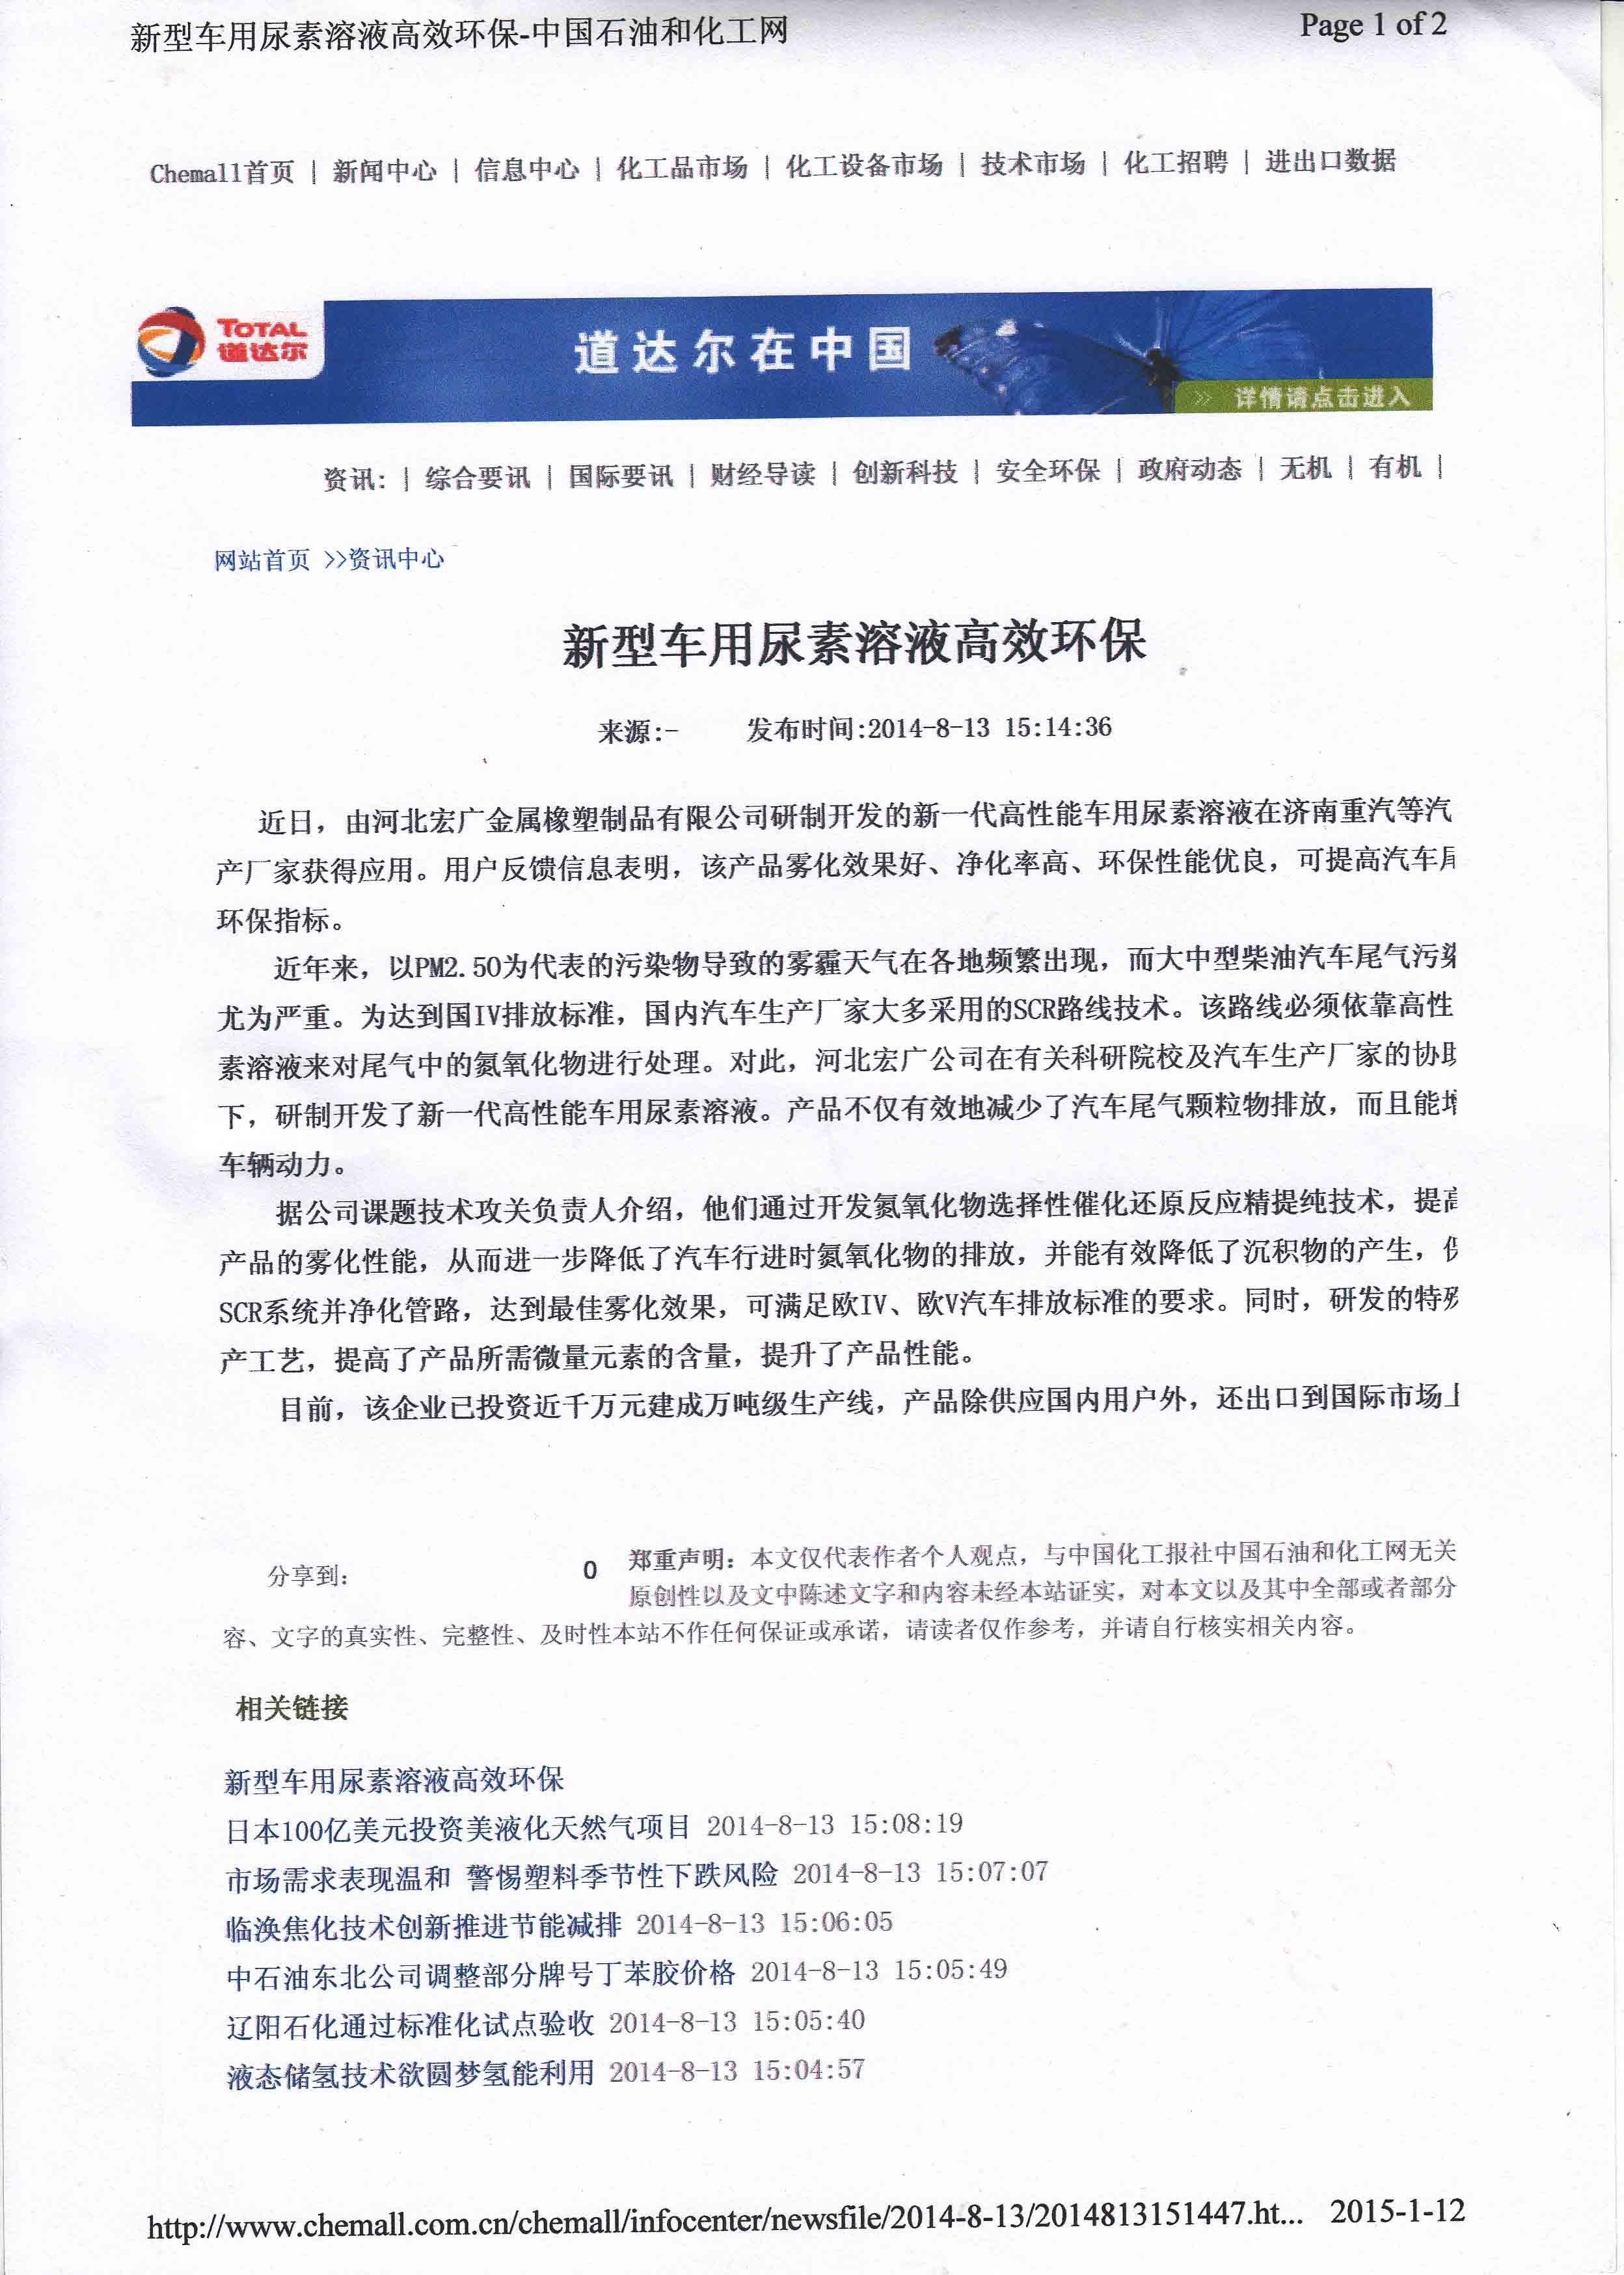 新型車用尿素溶液高效環保(中國石油和化工網)(圖1)